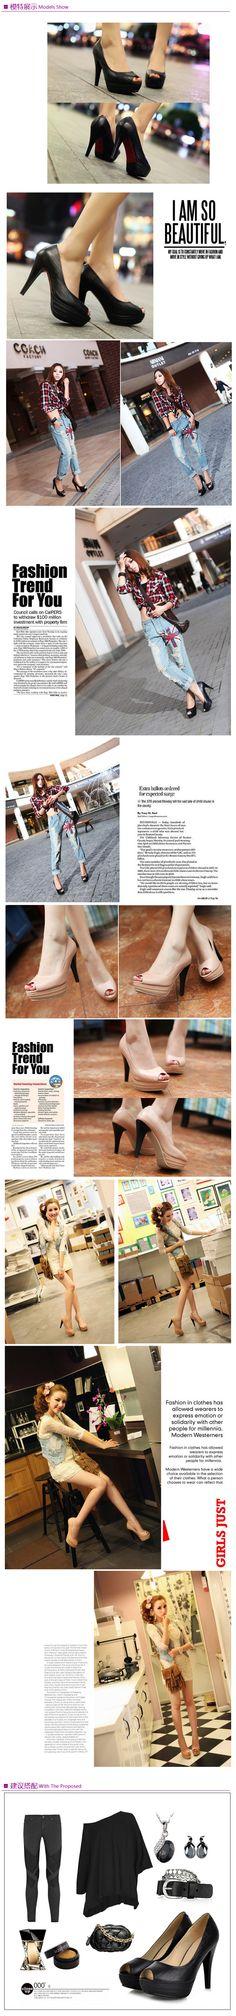 Fish head sandals pin thin heels